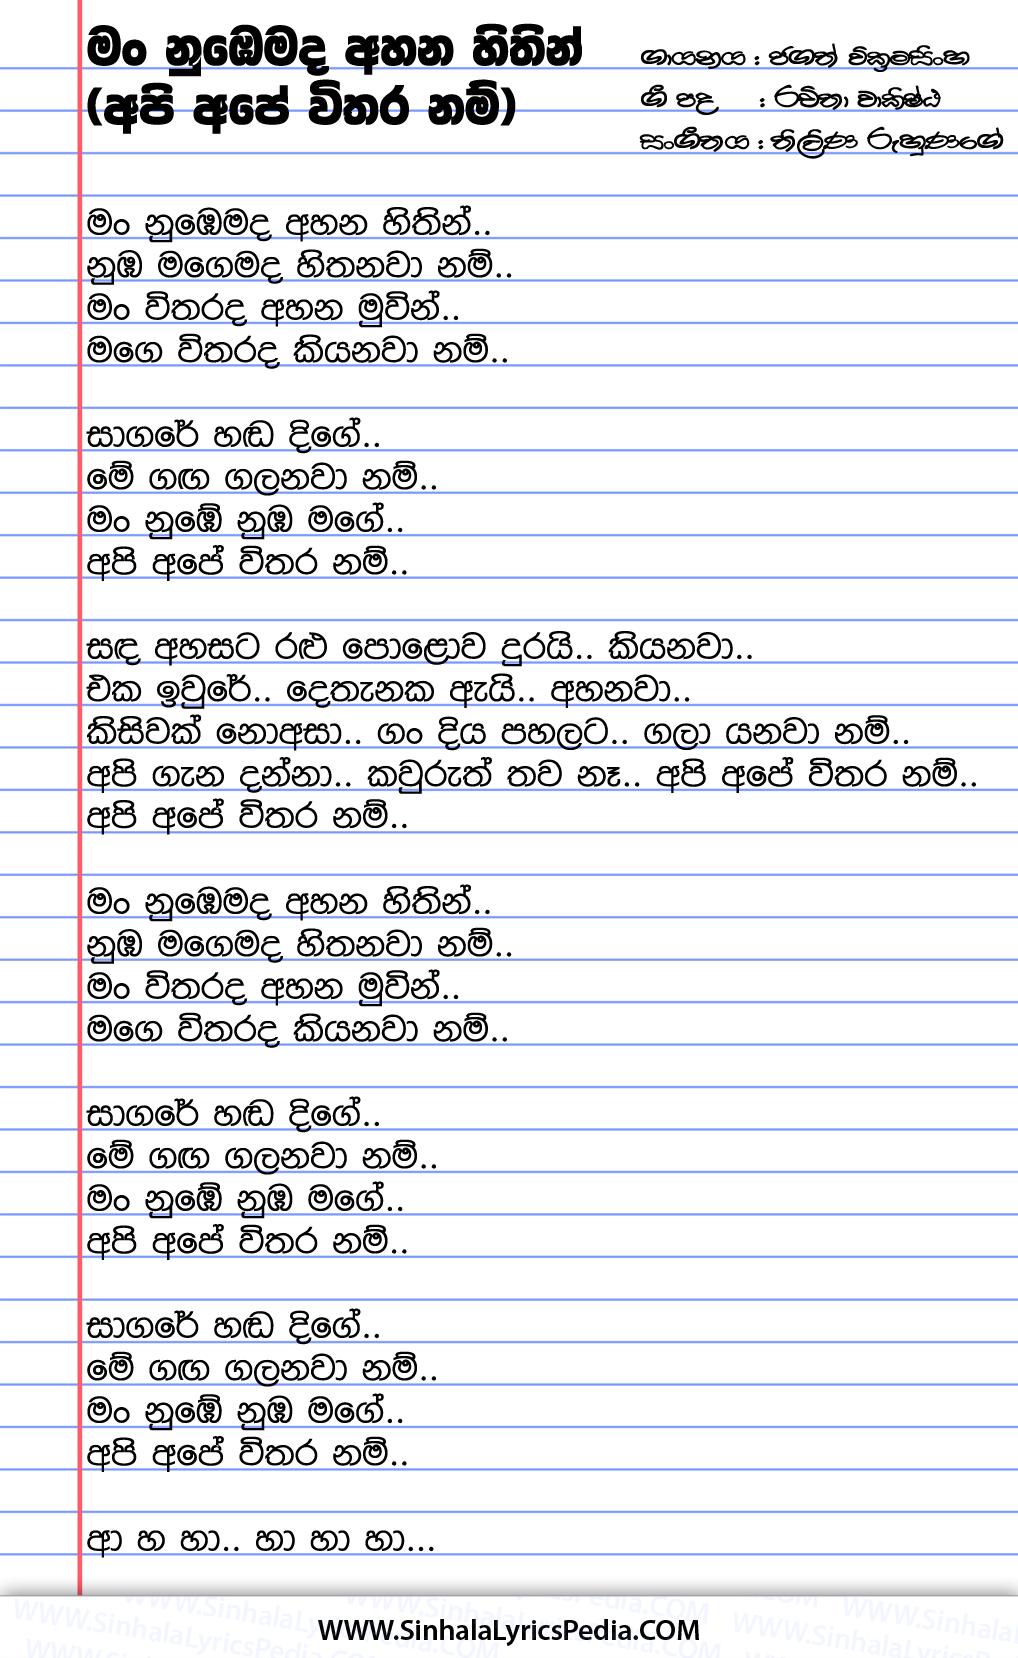 Man Nubemada (Api Ape Witharanam) Song Lyrics